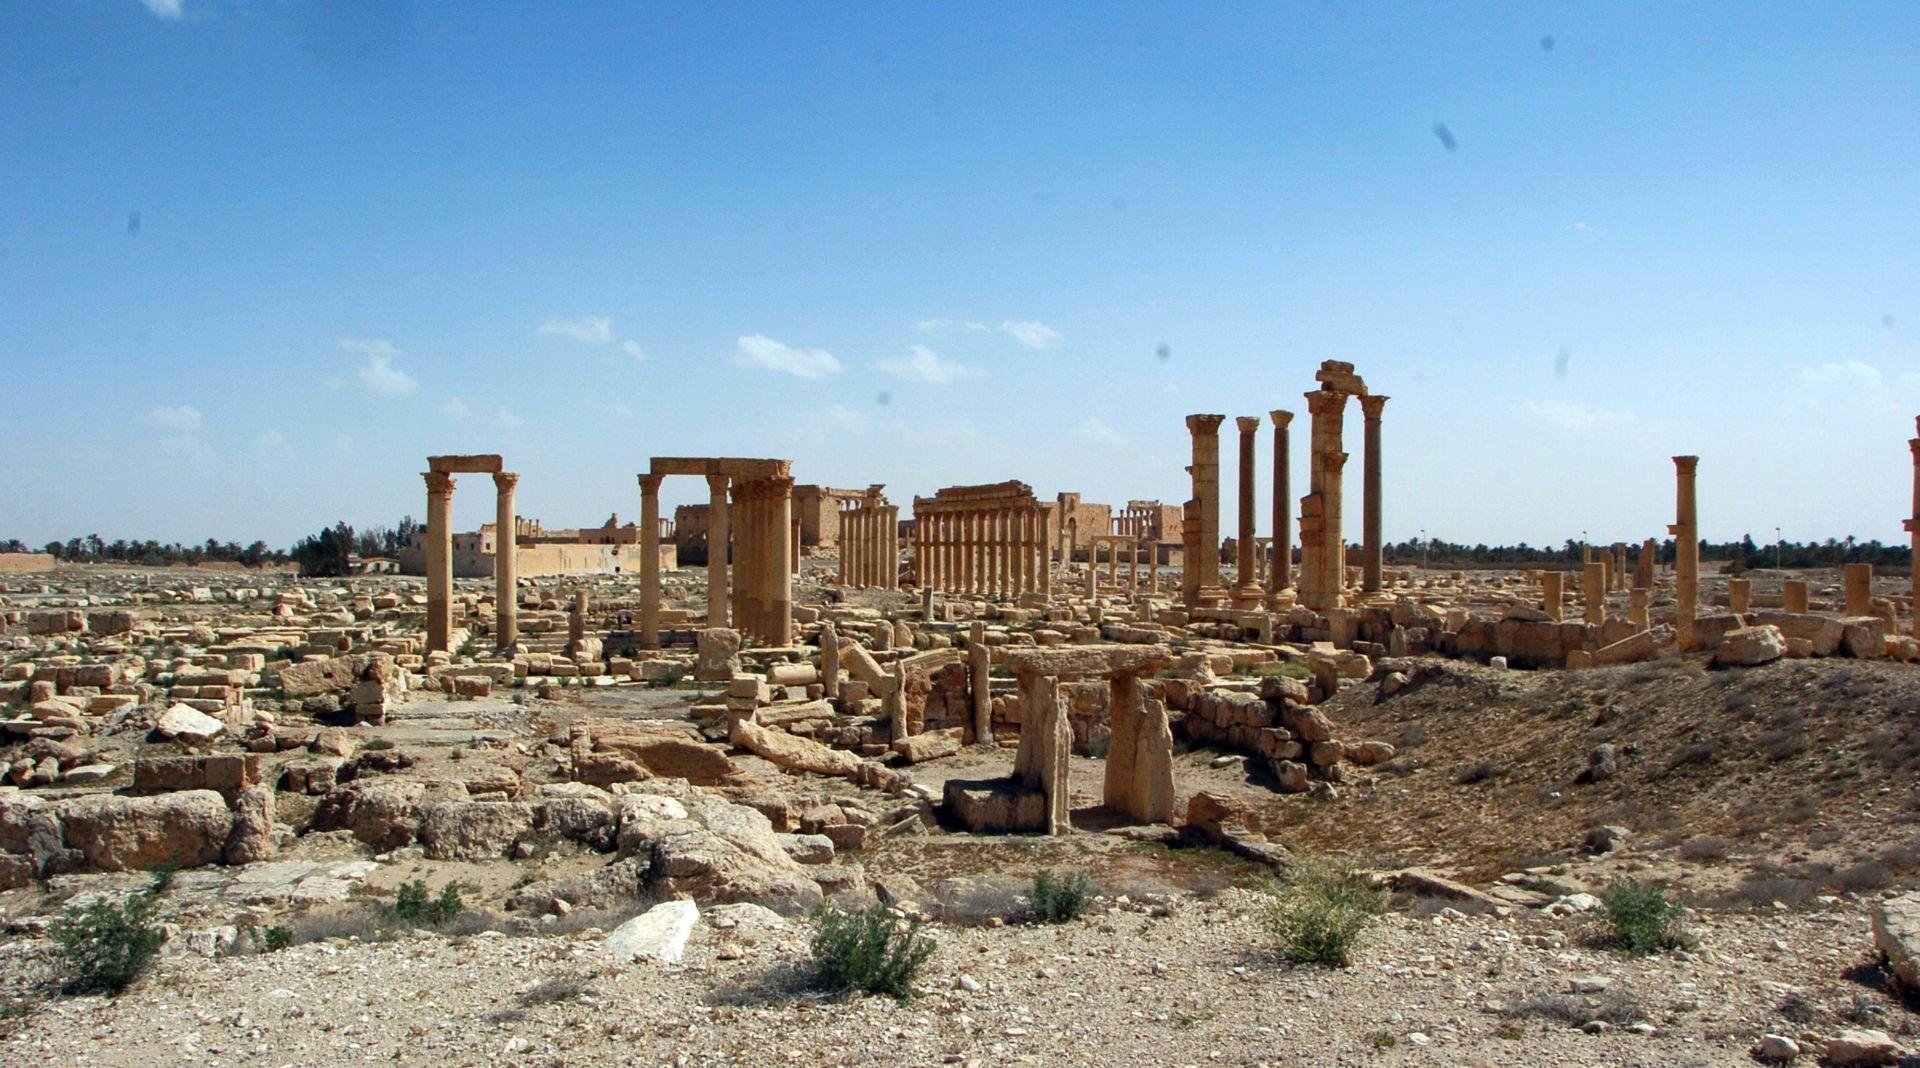 NAKON OSLOBOĐENJA OD IS-a: U Palmiri pronađena masovna grobnica, mnoge žrtve žene i djeca